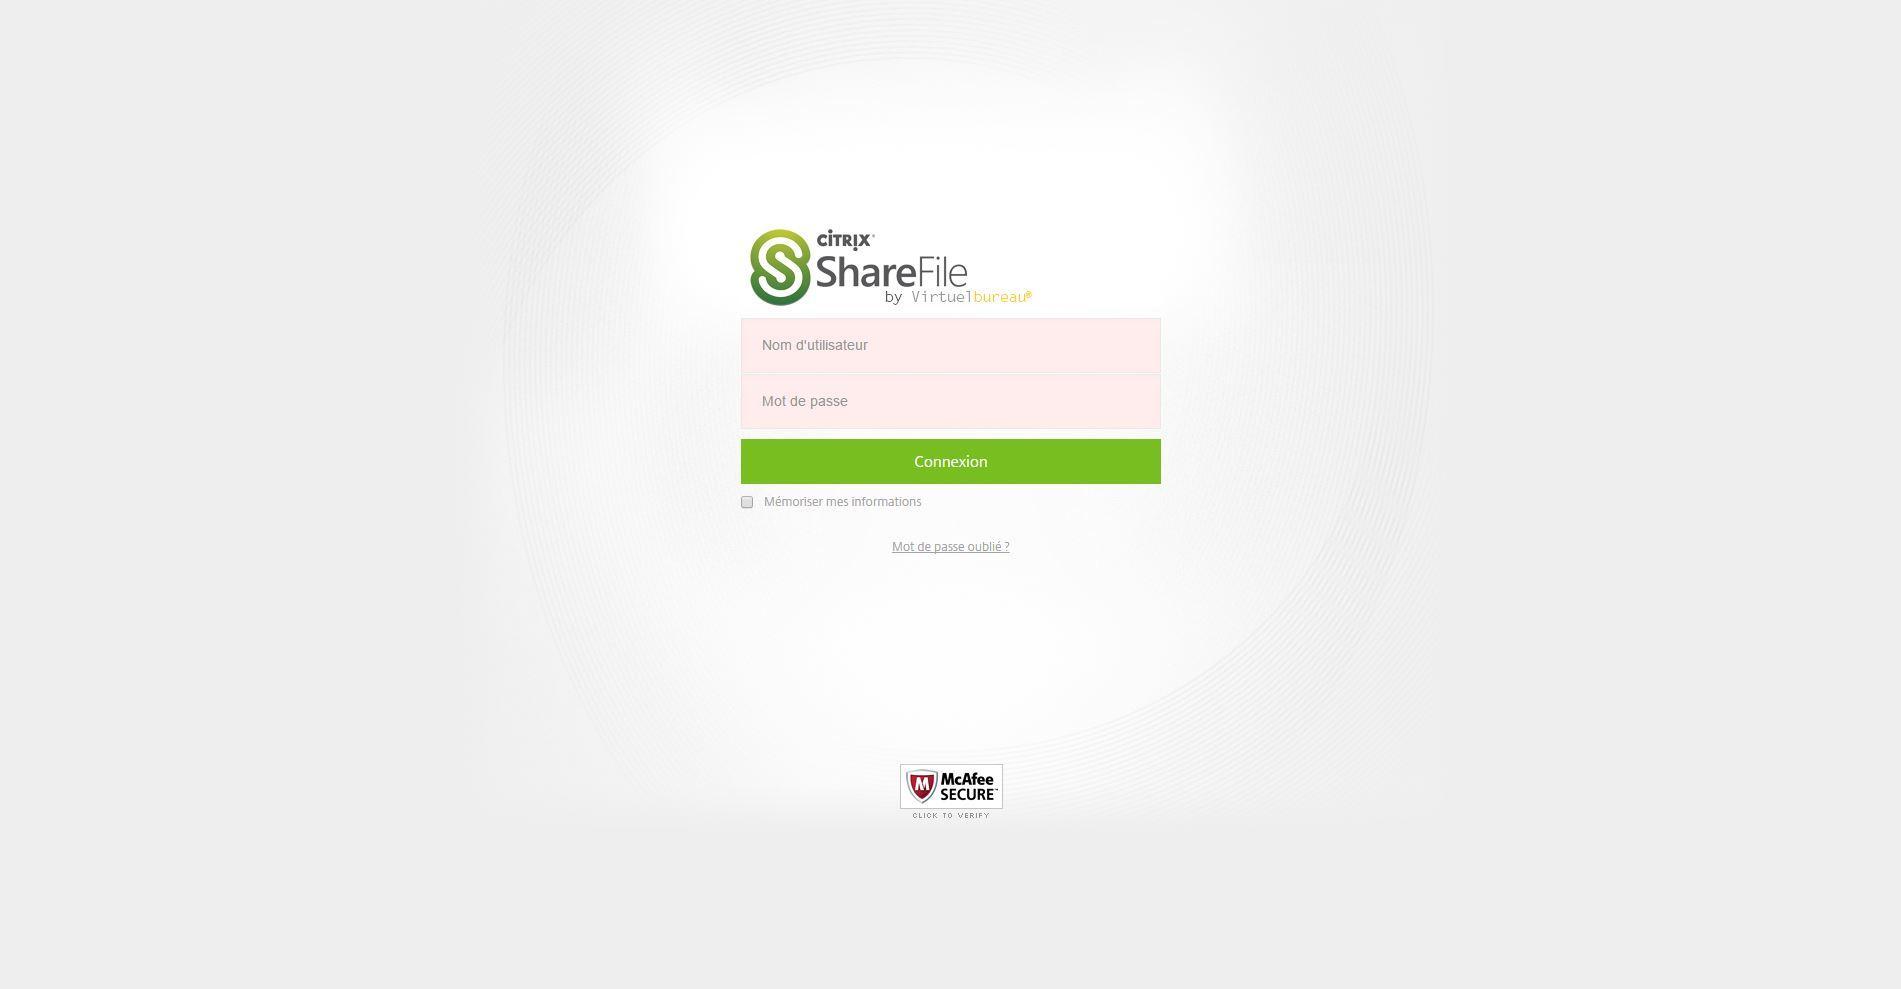 ShareFile by Virtuelbureau: Compatible Window OS, Contrôle strict des accès aux serveurs, Support (téléphone, email, ticket)